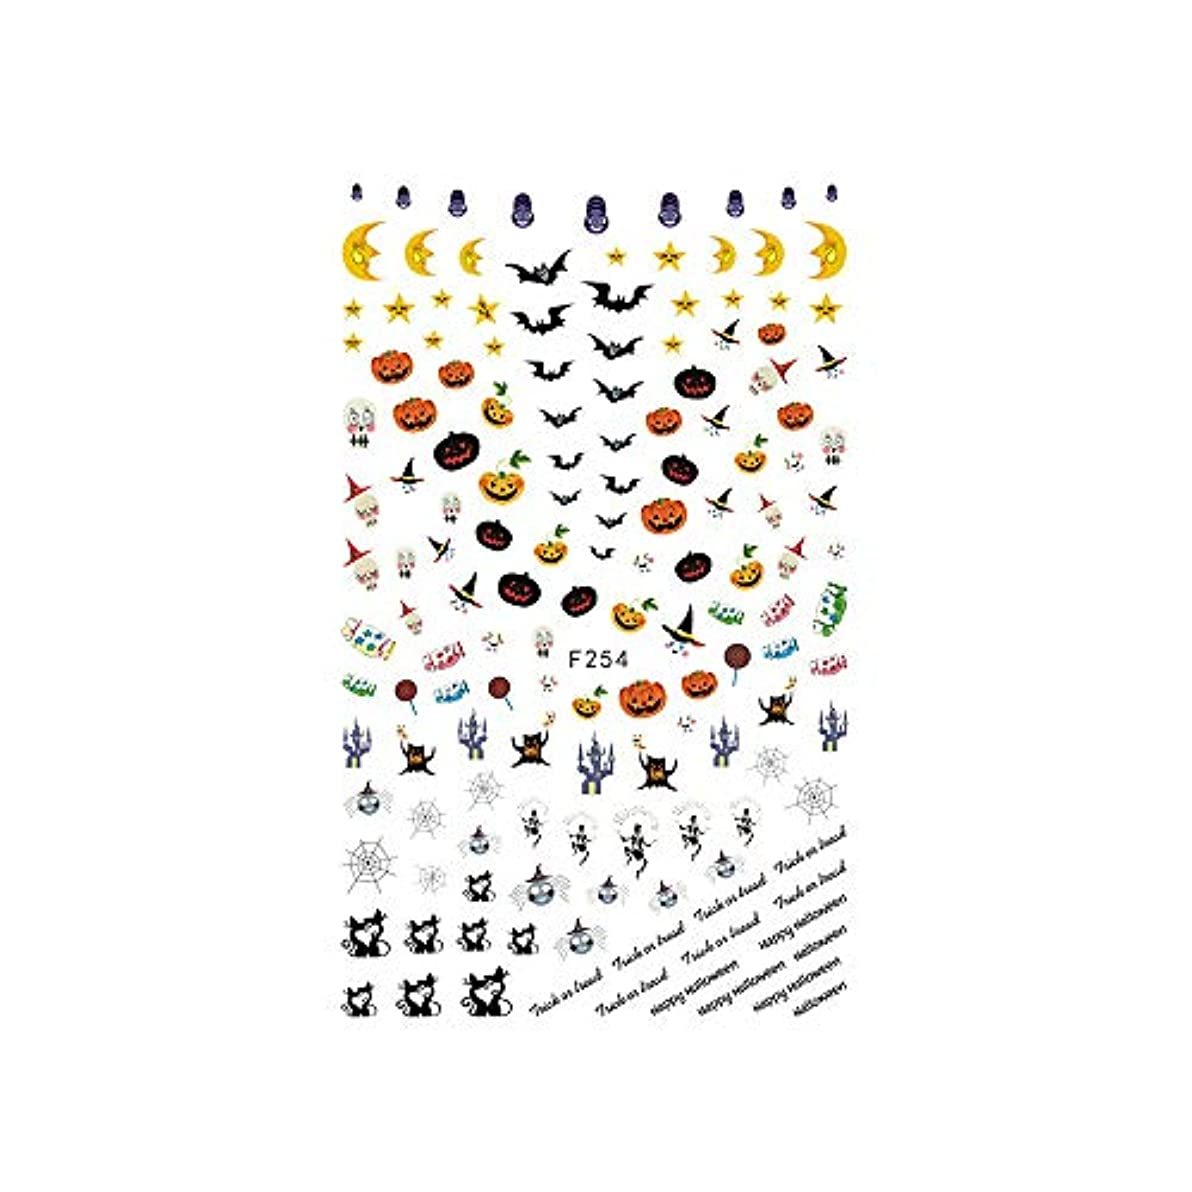 微生物スポンジのirogel イロジェル ネイルシール ハロウィンバラエティシール 【F254】ハロウィン ランタン おばけ スカル スパイダー 魔女